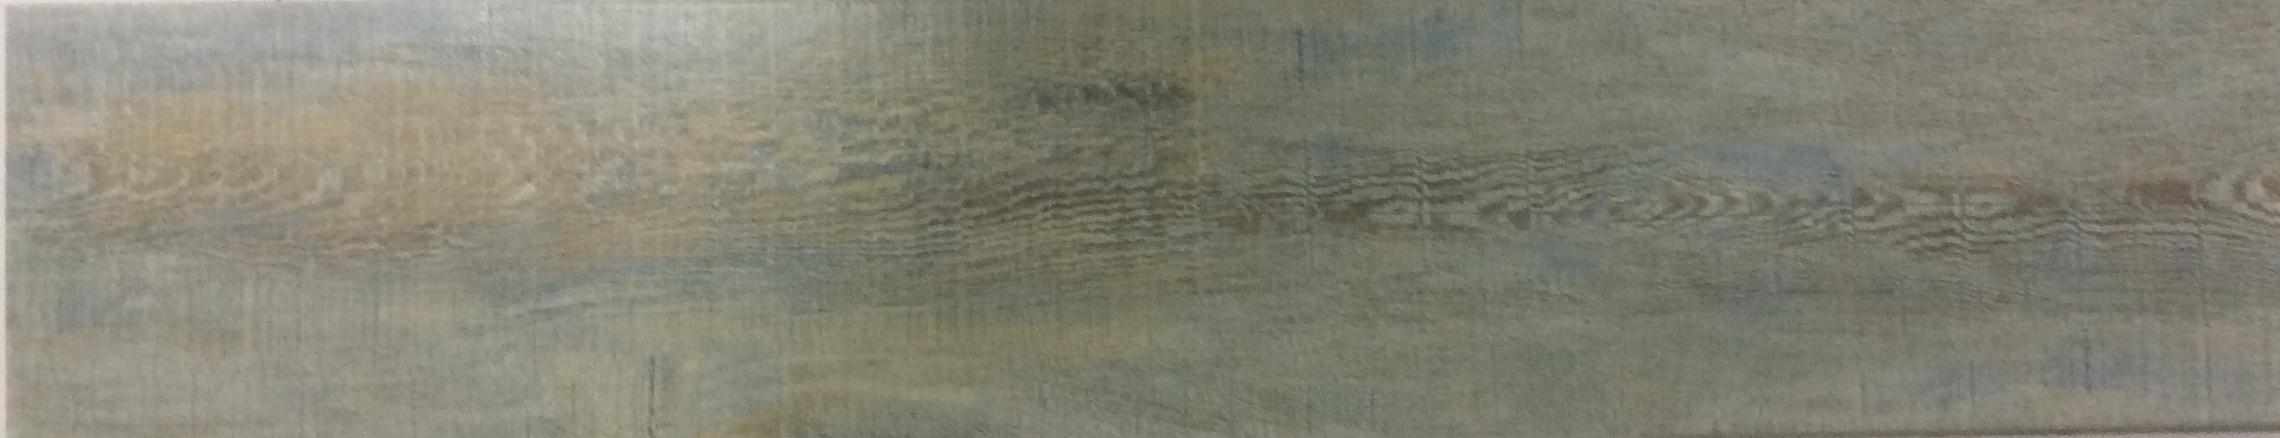 กระเบื้องลายไม้ 20x100 cm รุ่น VHH-08011